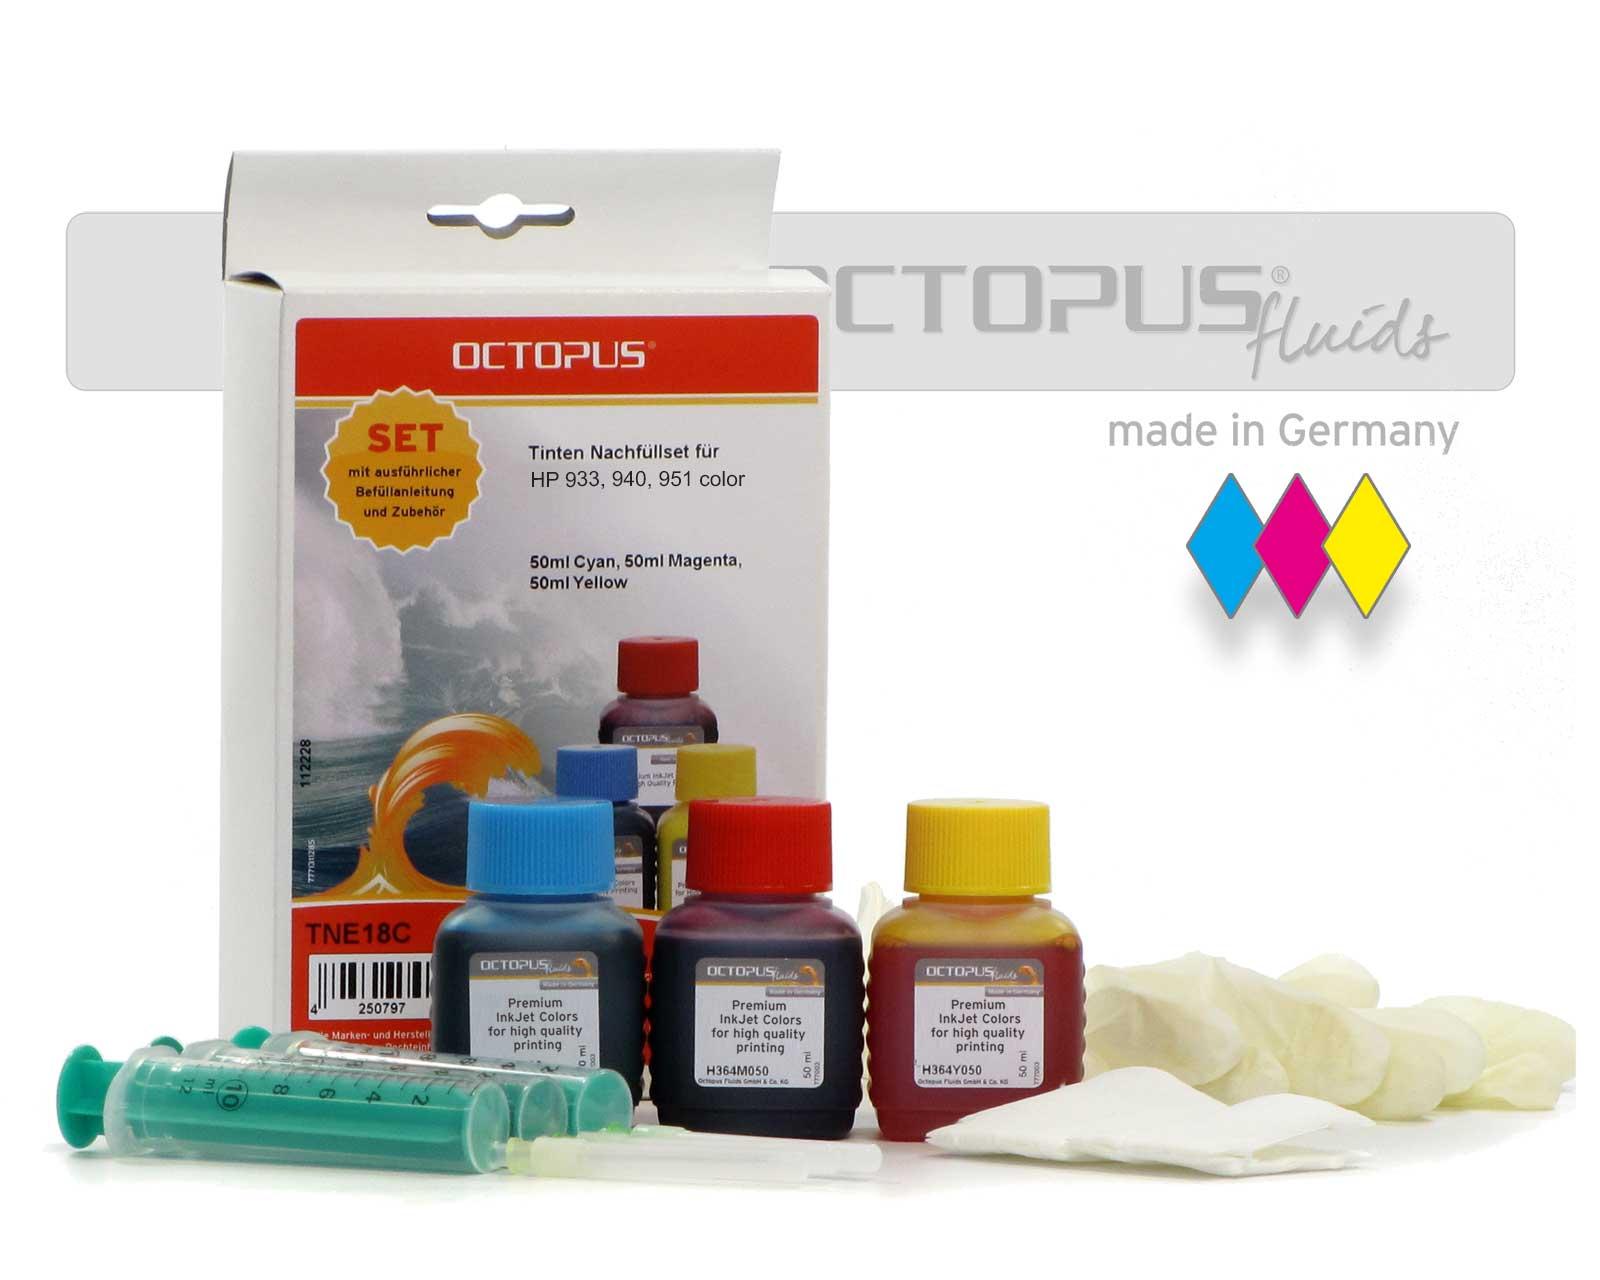 Kit di ricarica per HP 933, 940, 951 colorato, Refill Kit